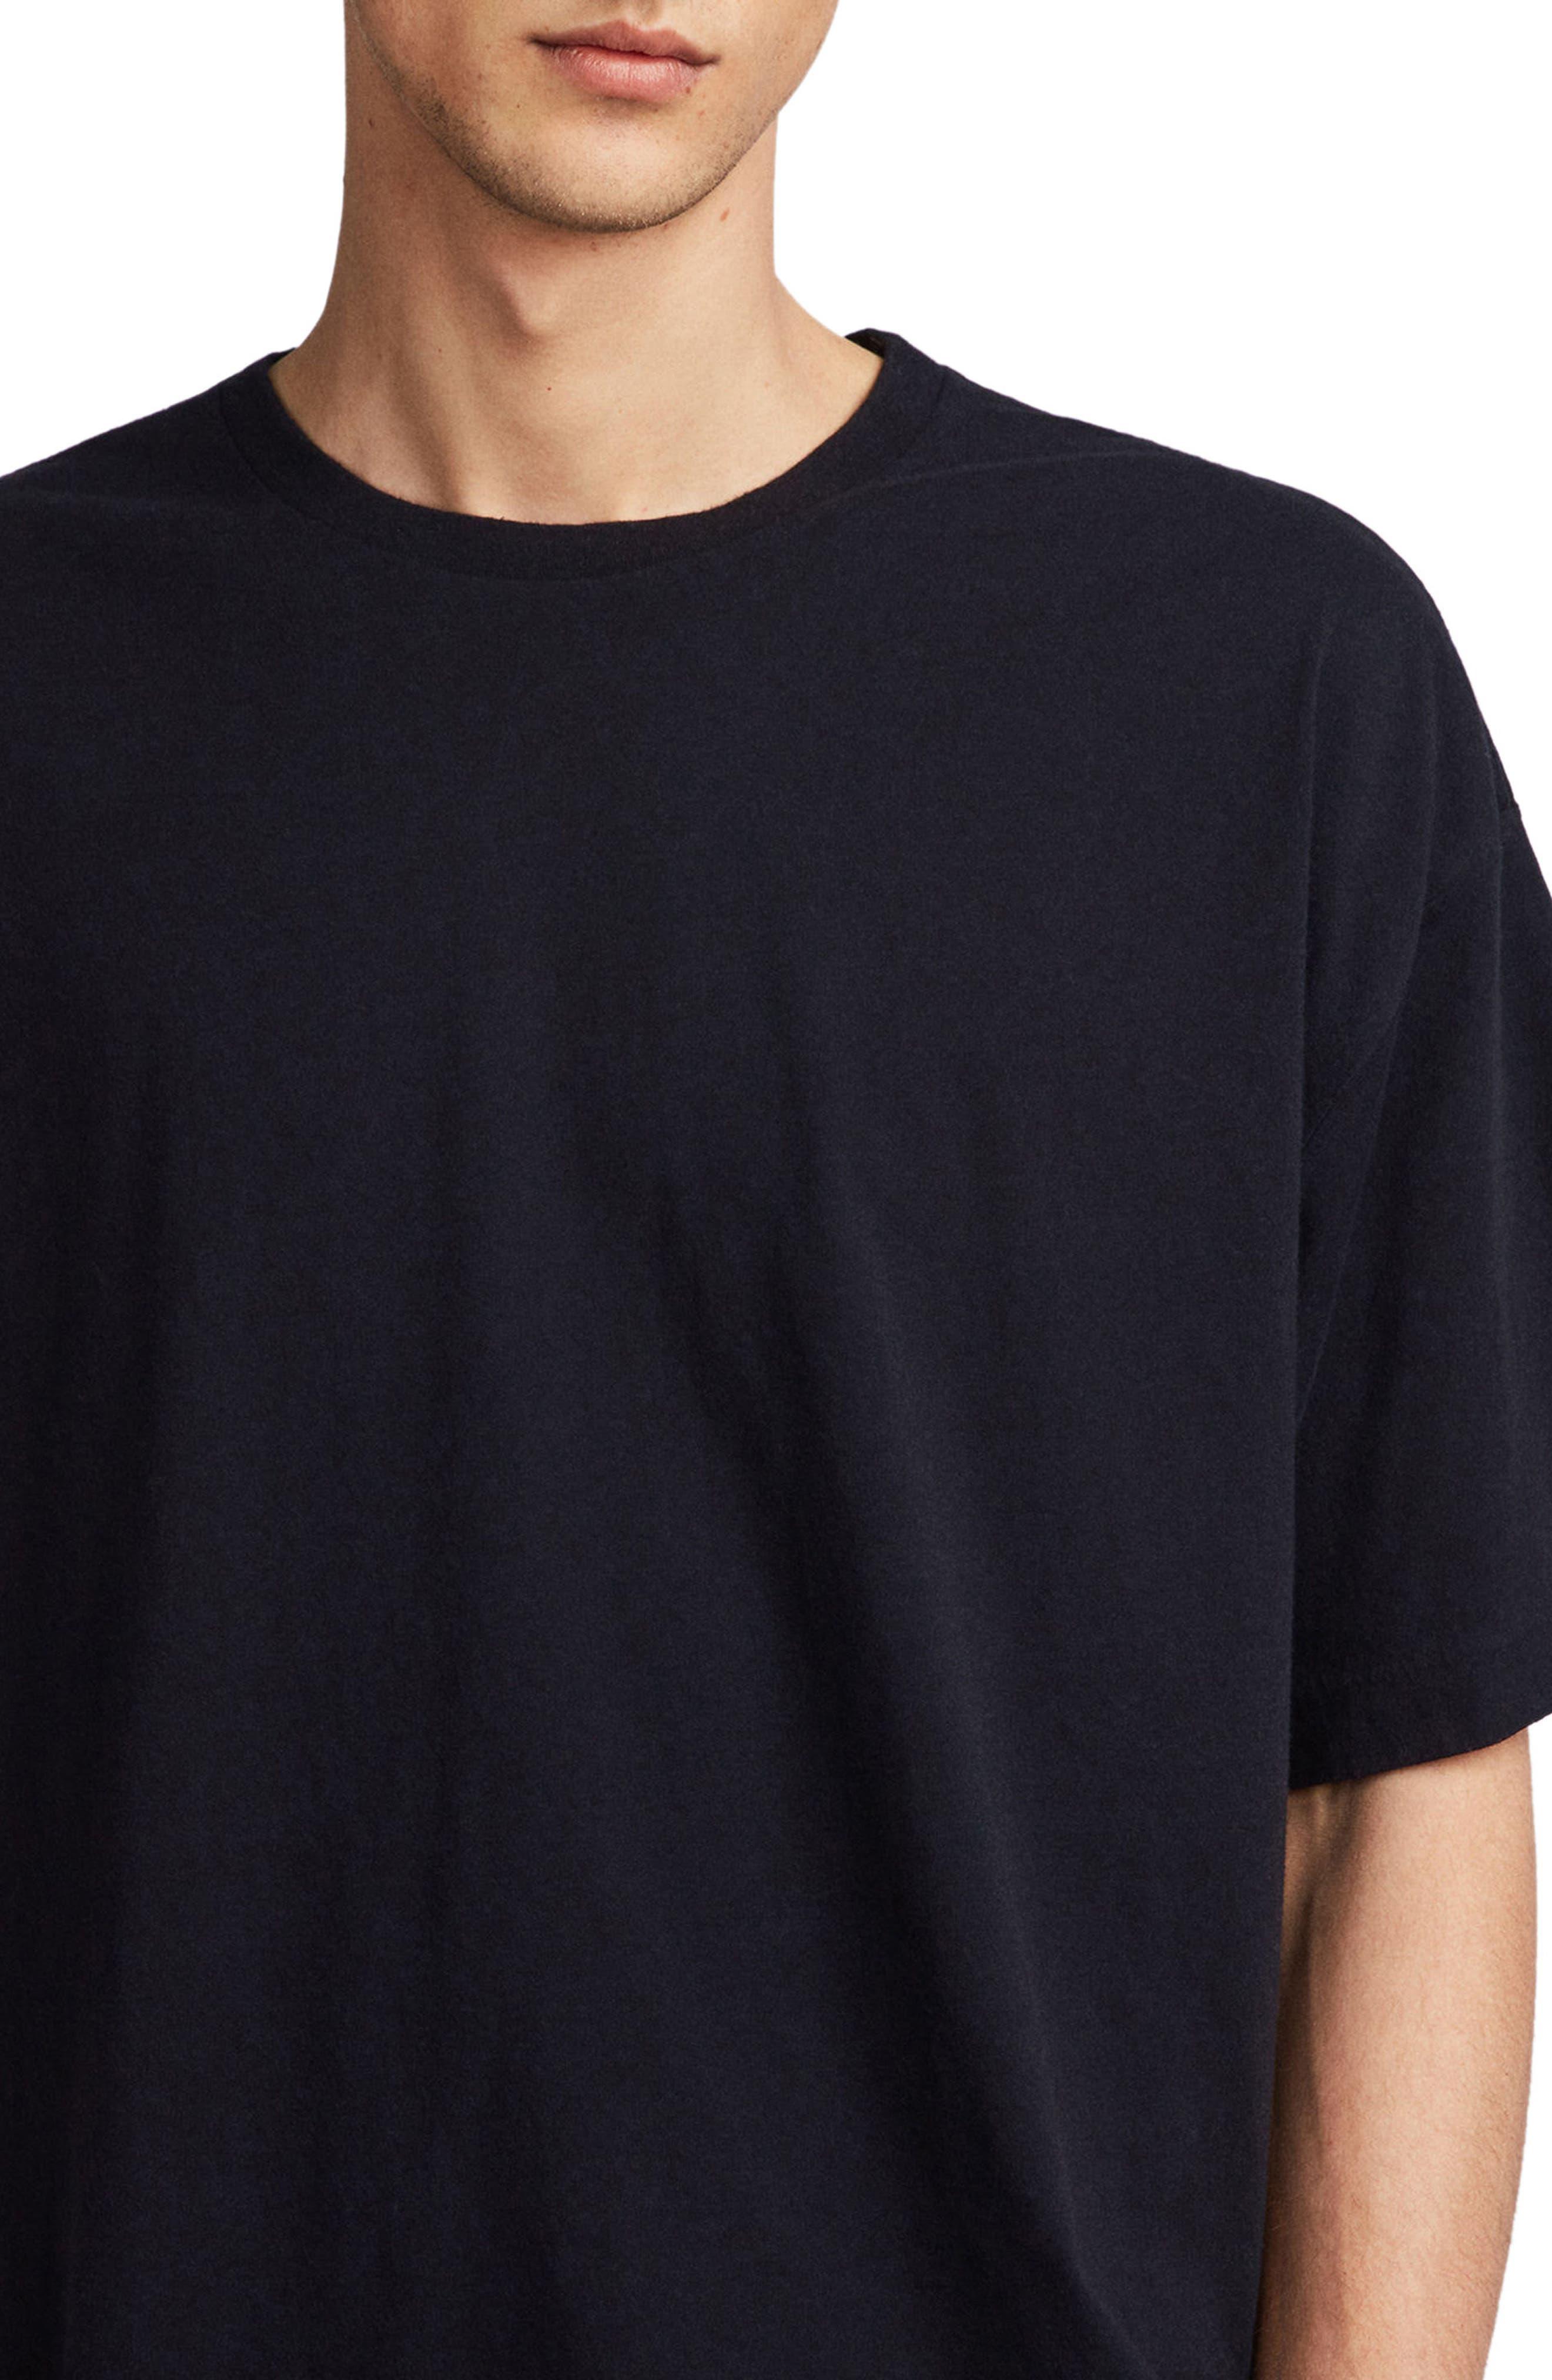 Atnom Crewneck T-Shirt,                             Alternate thumbnail 4, color,                             JET BLACK